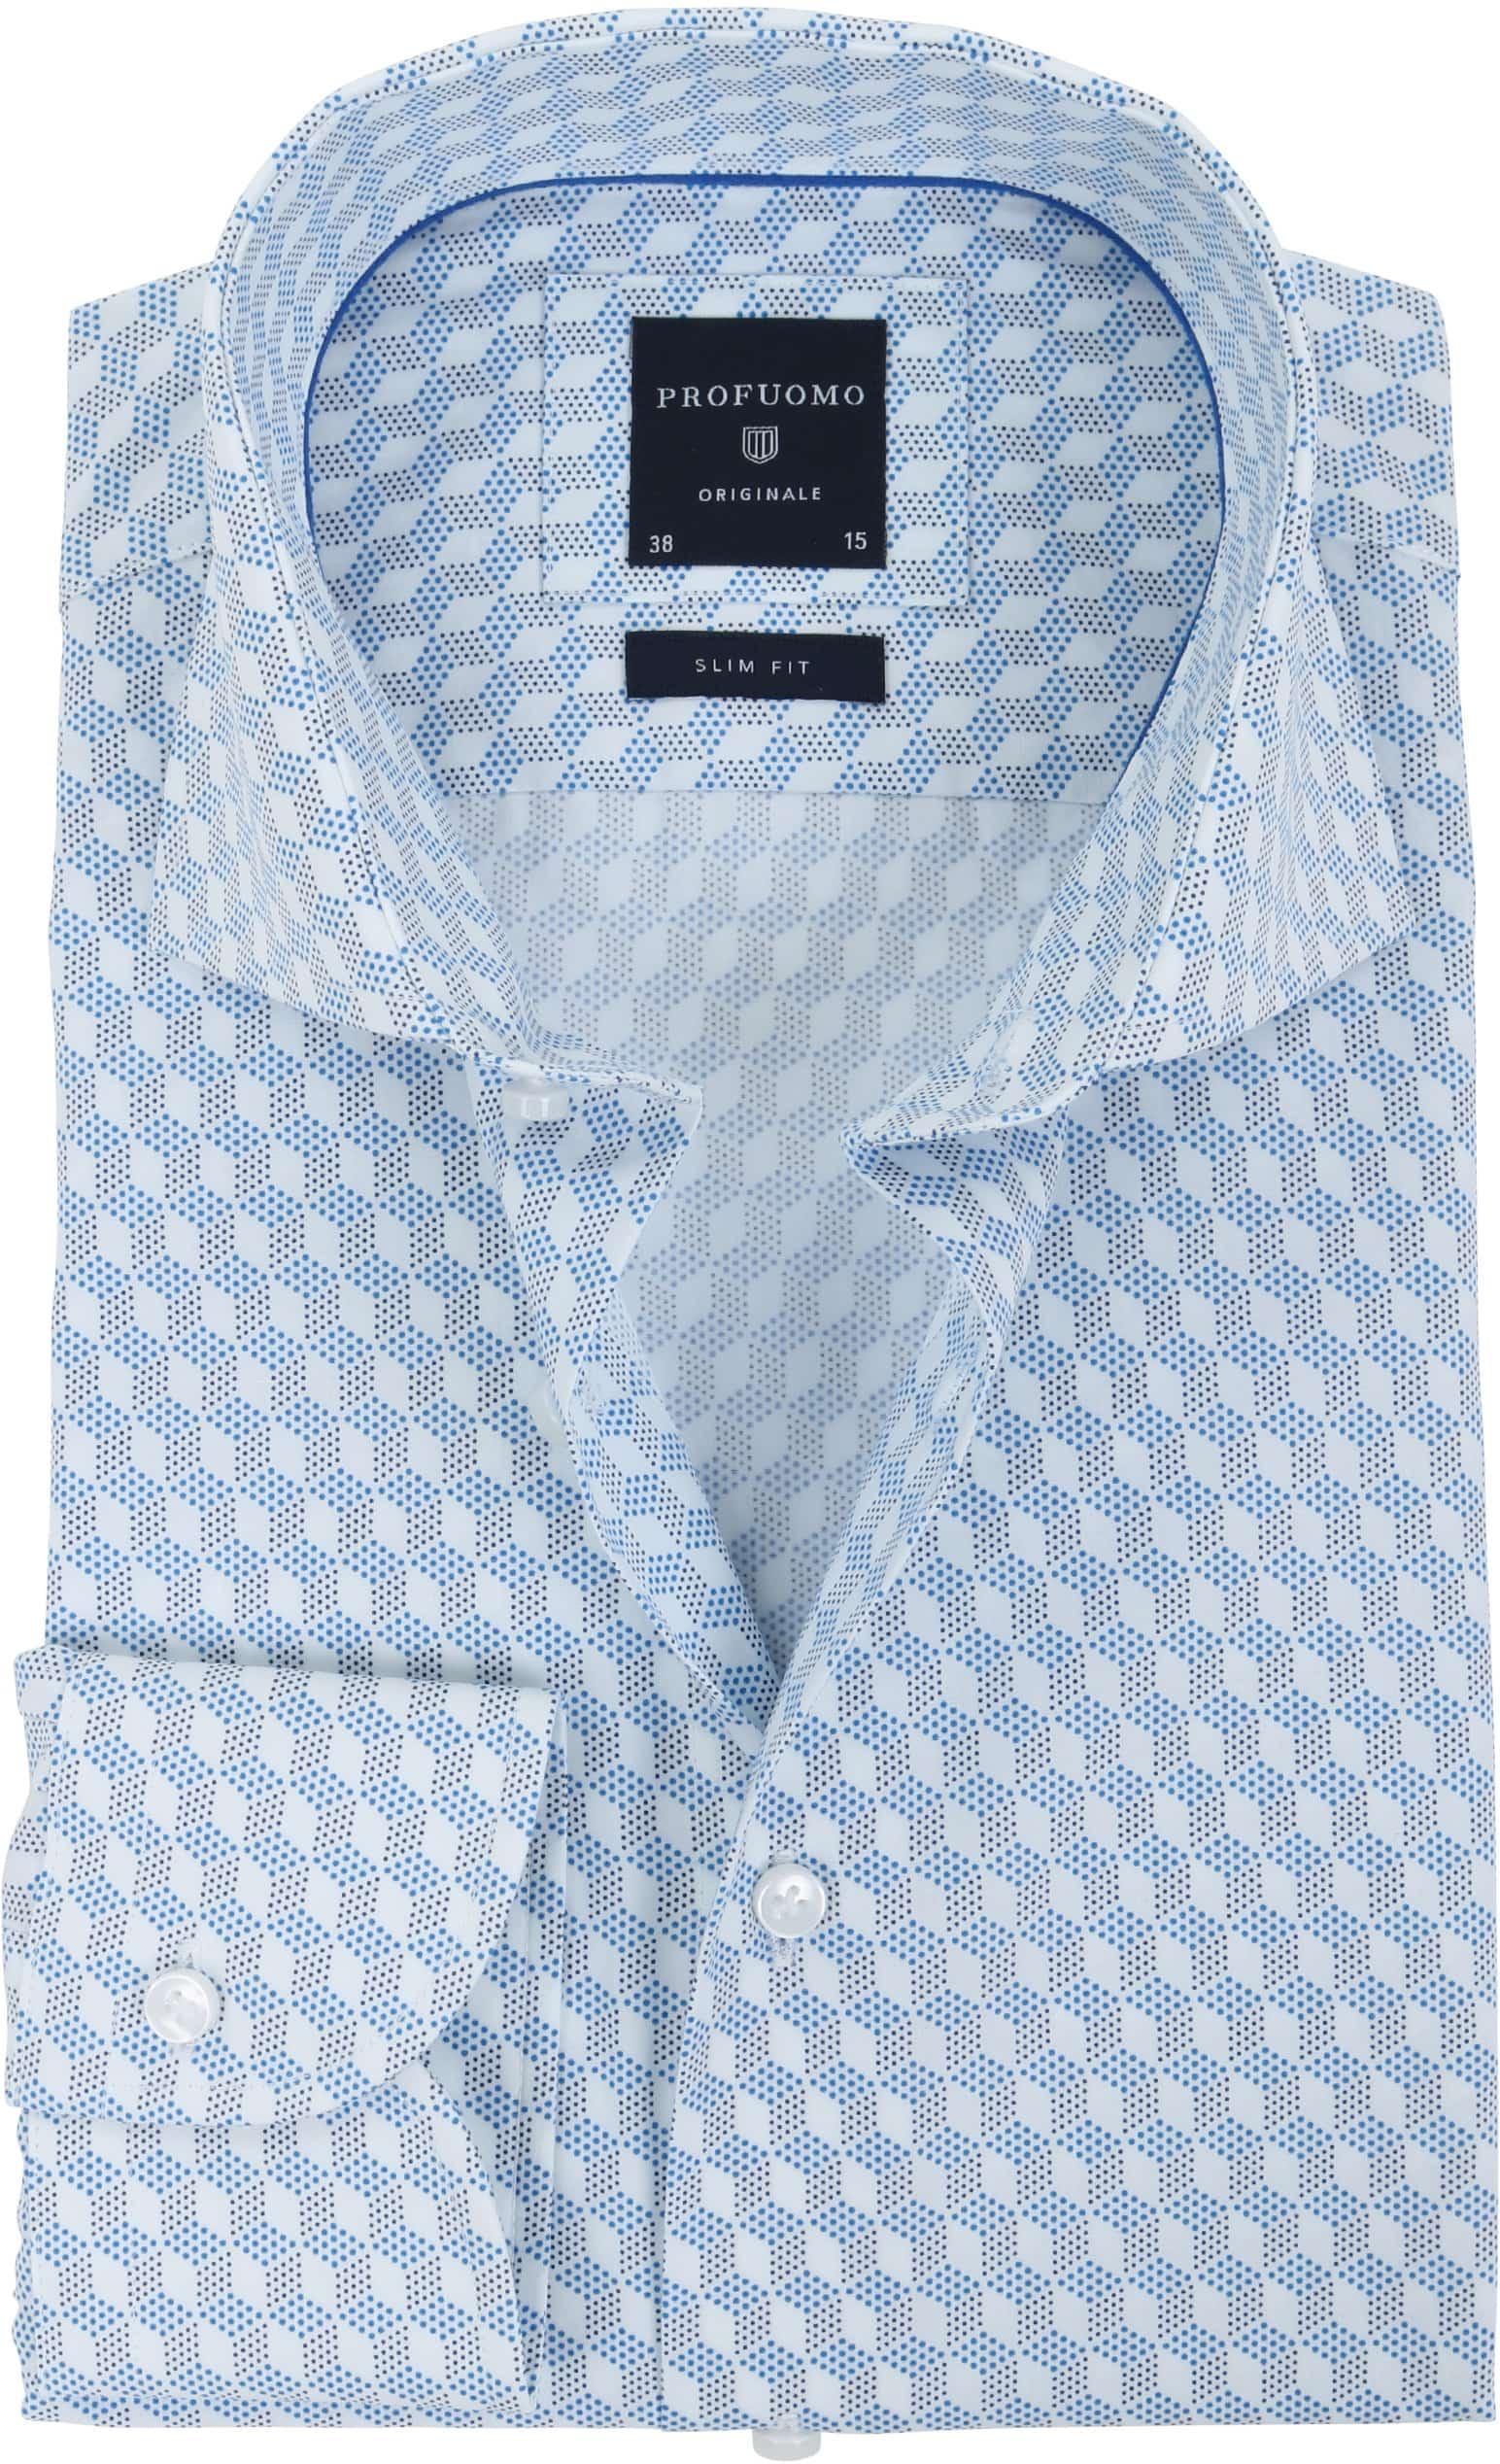 Profuomo Overhemd SF Dessin Blauw foto 0